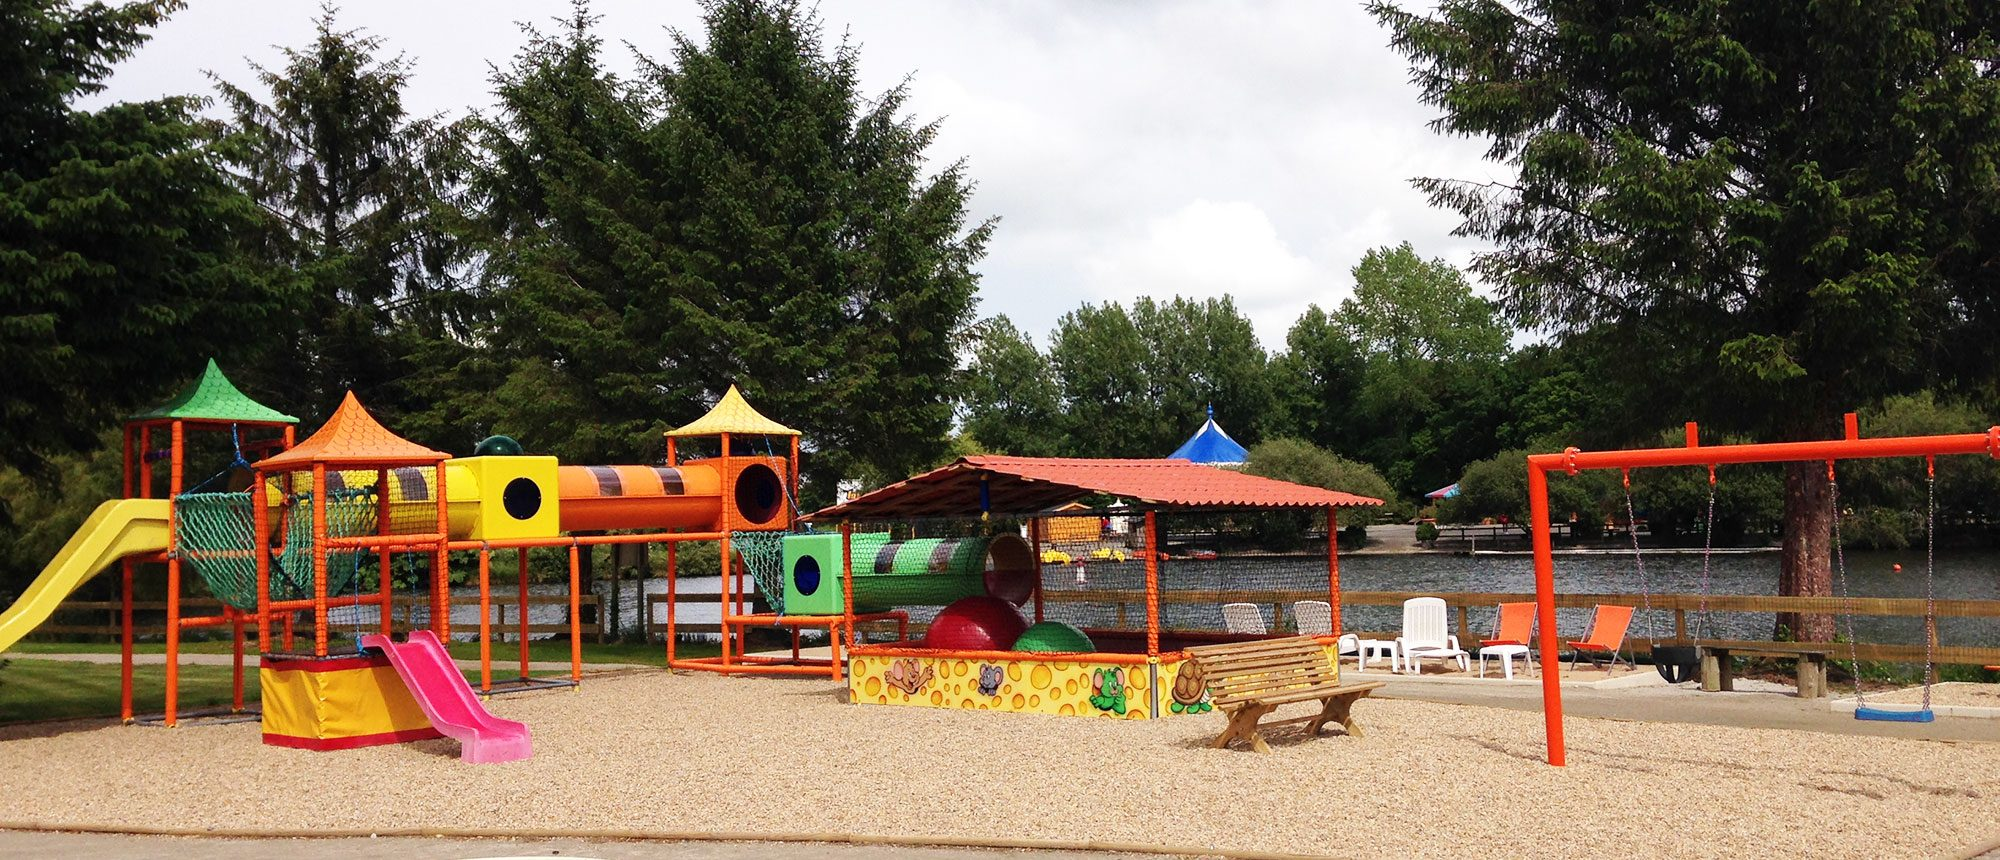 aire du jeux au camping à proximité du parc d'attraction en Bretagne